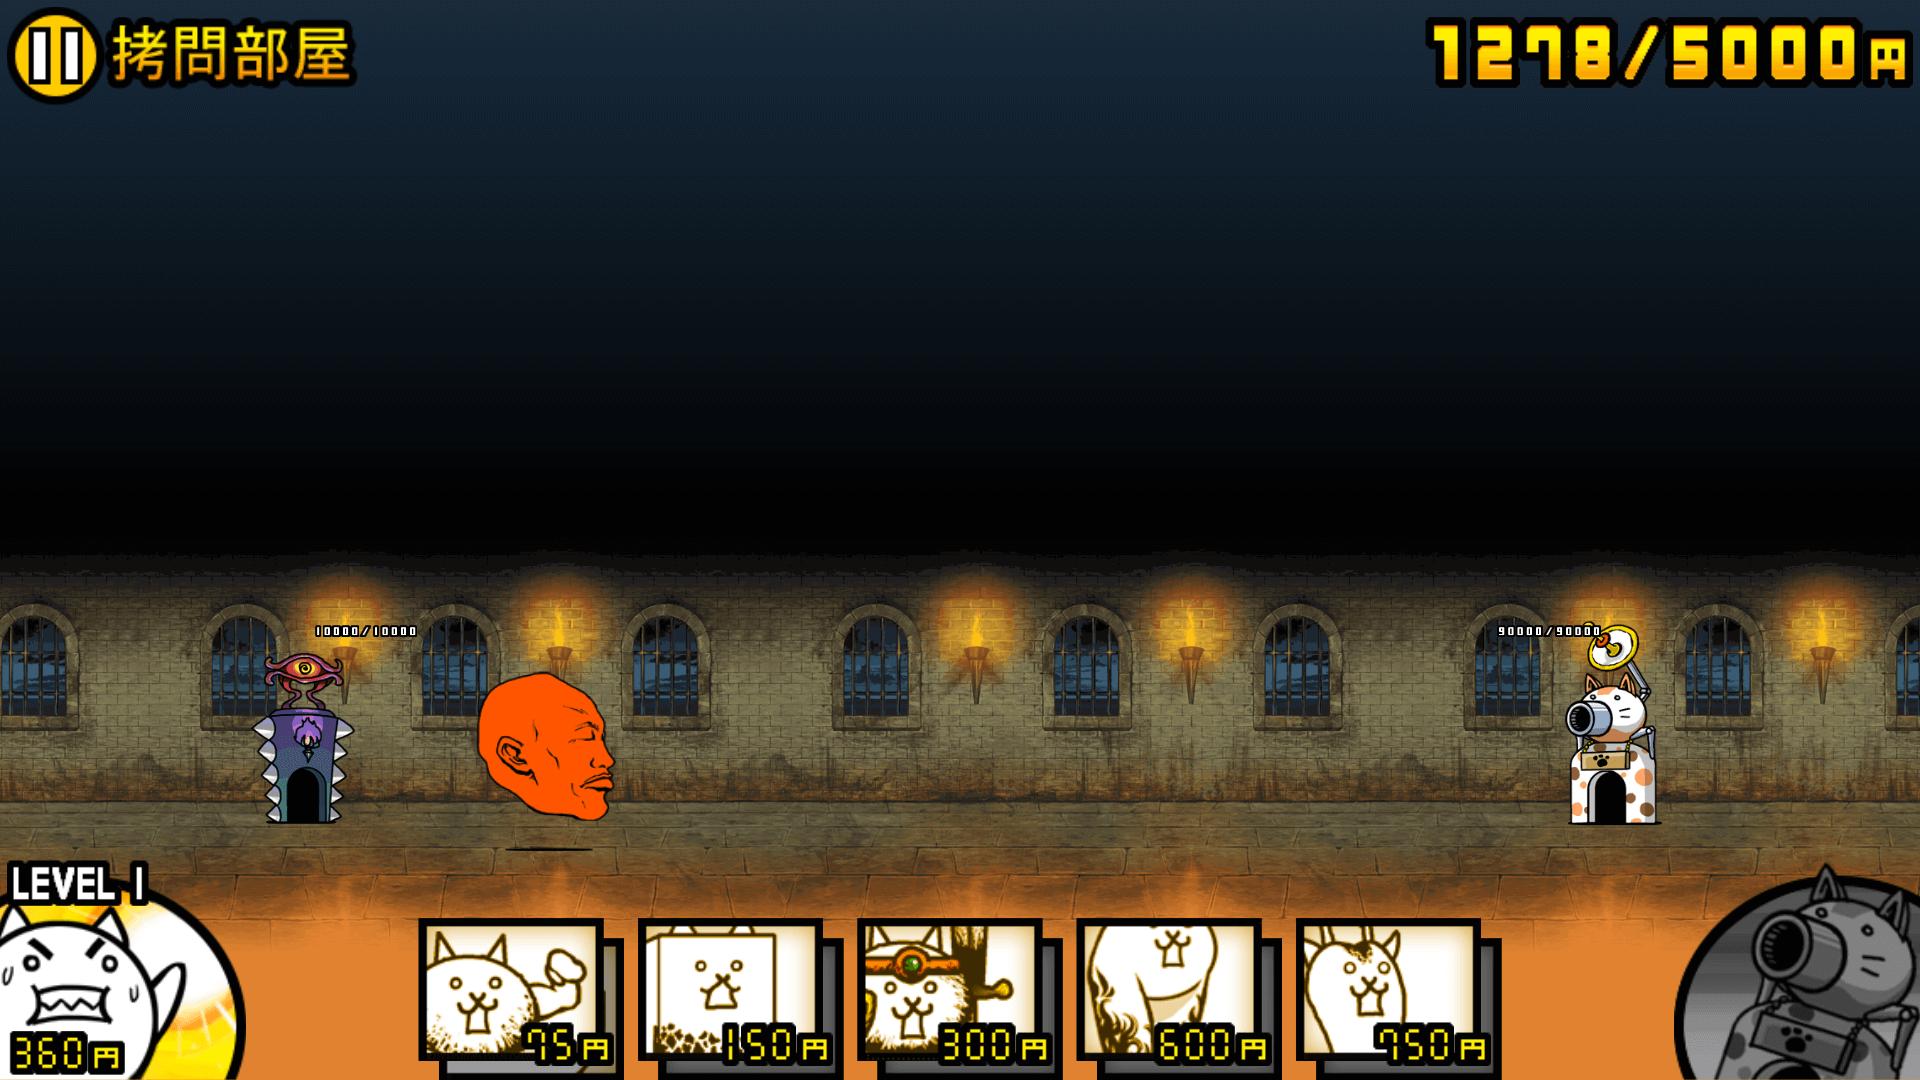 魔王の豪邸 冠1 拷問部屋の概要